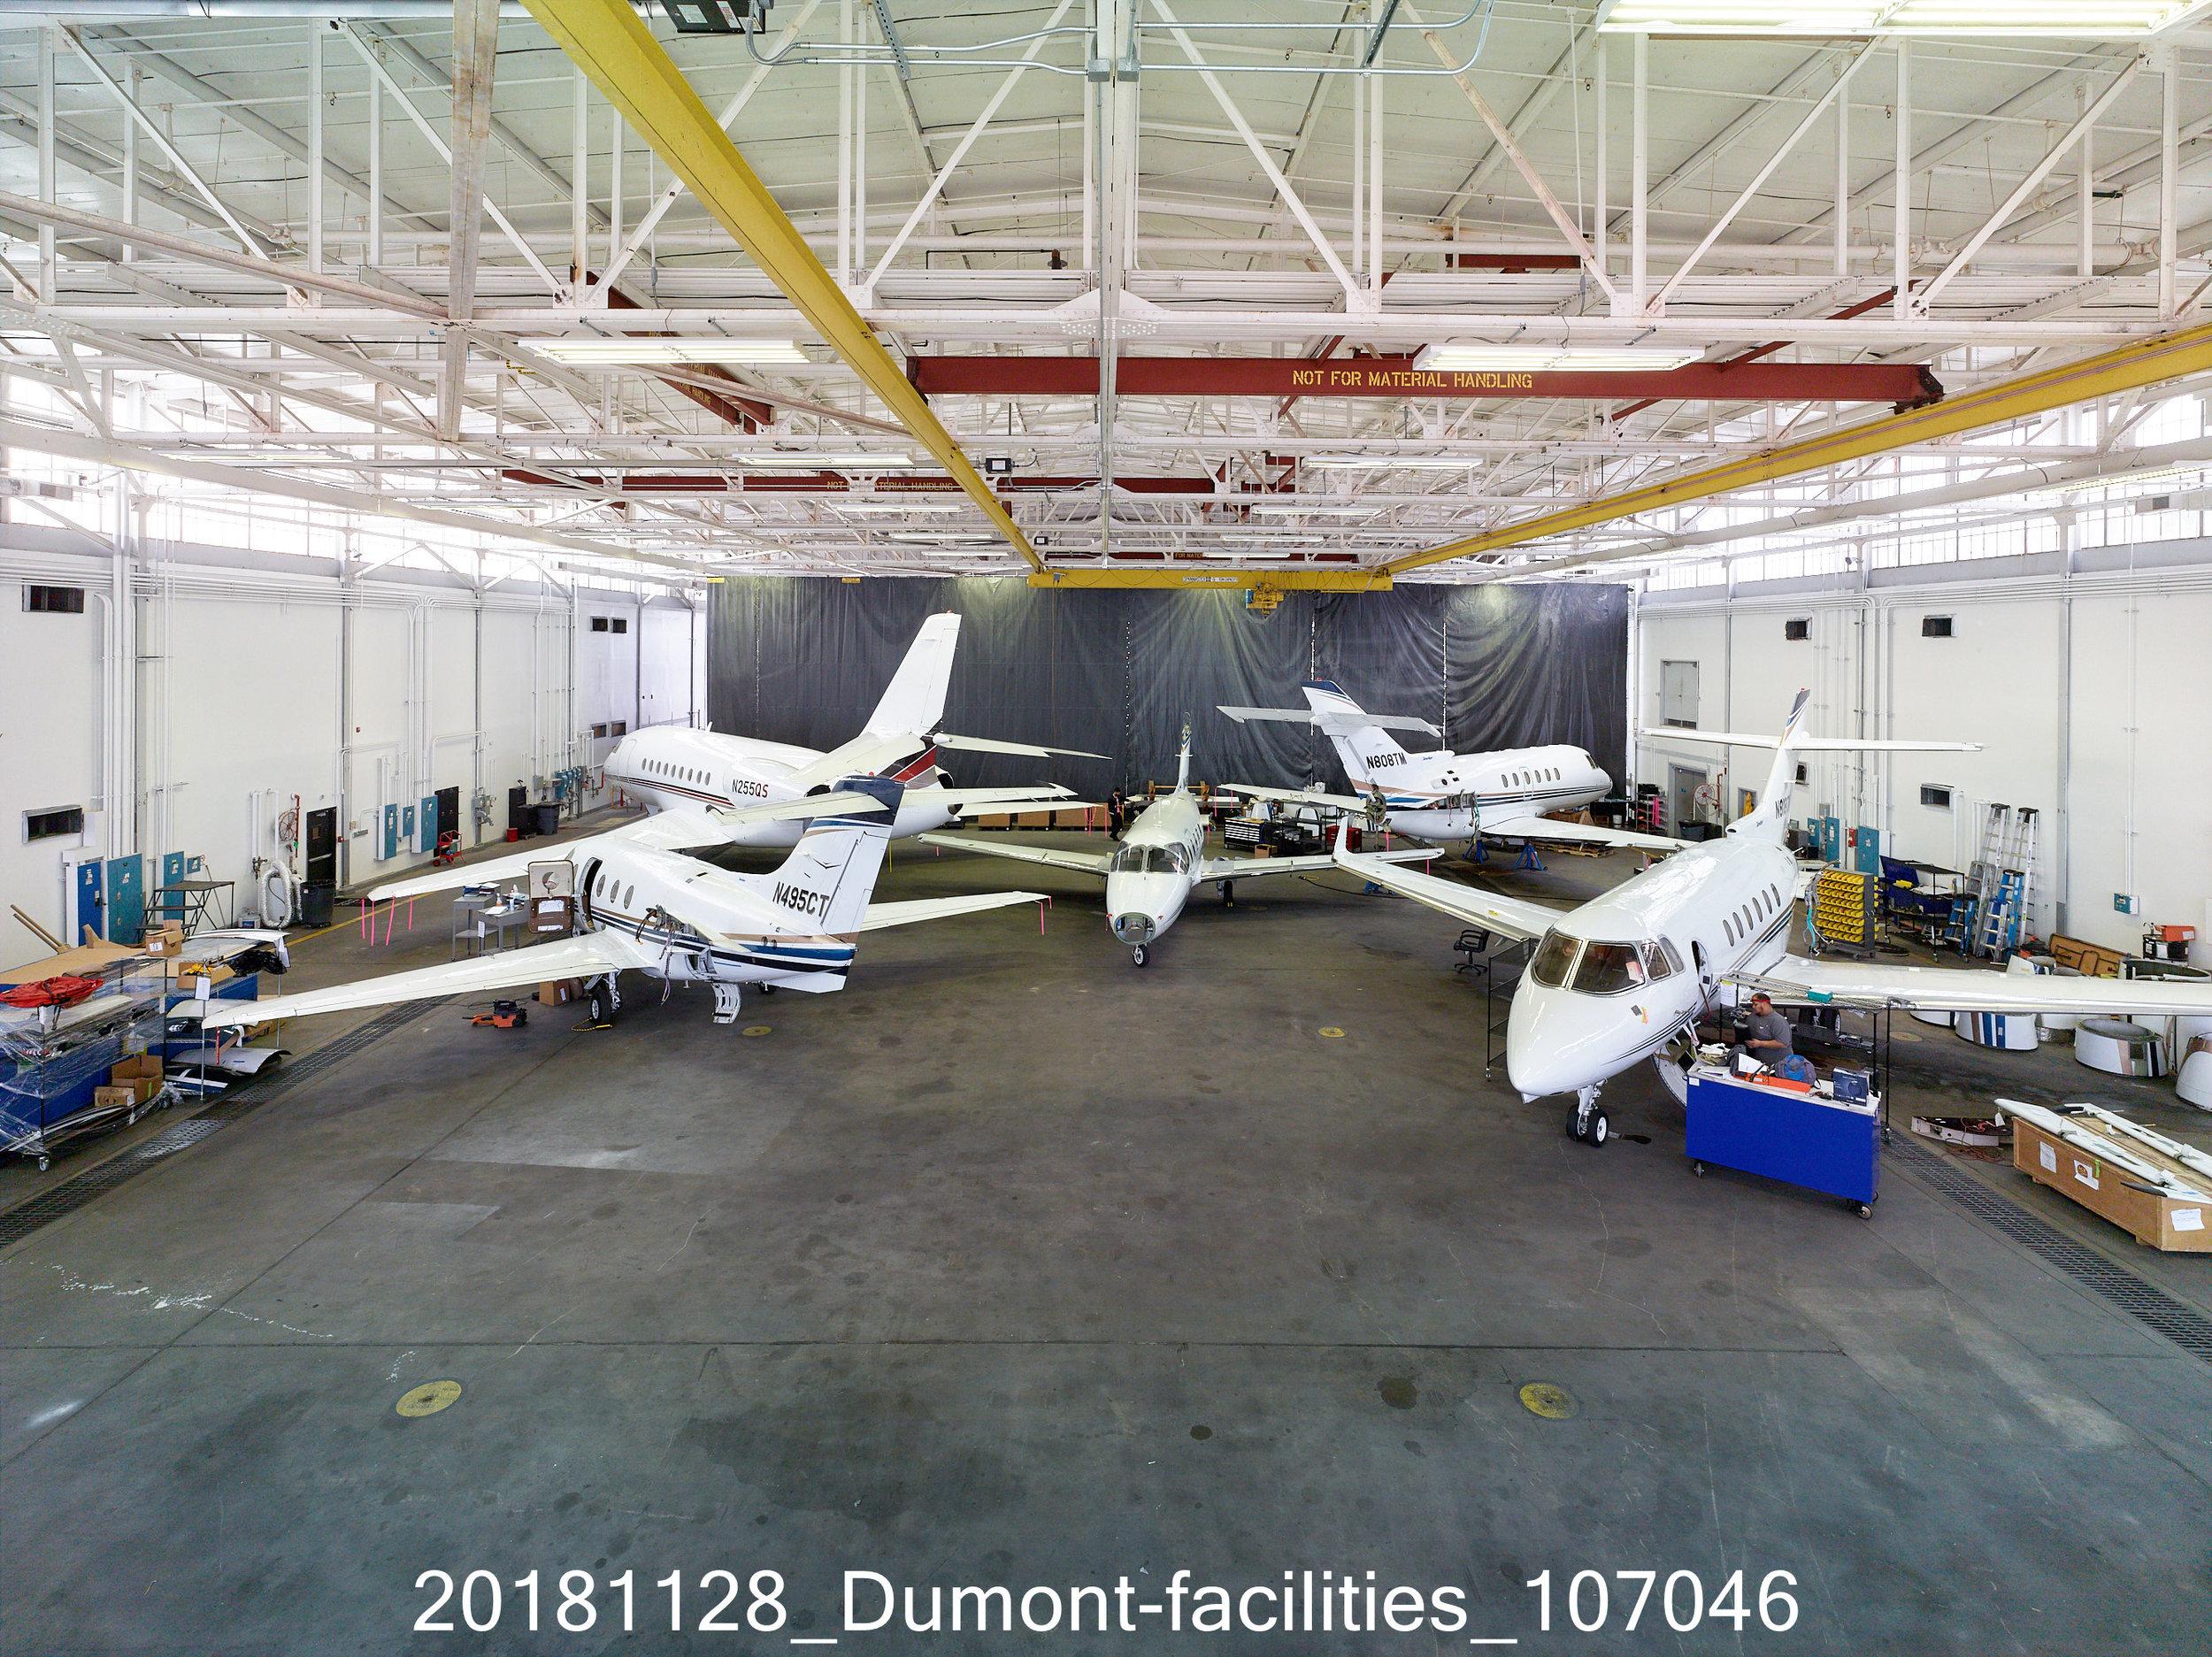 20181128_Dumont-facilities_107046.jpg